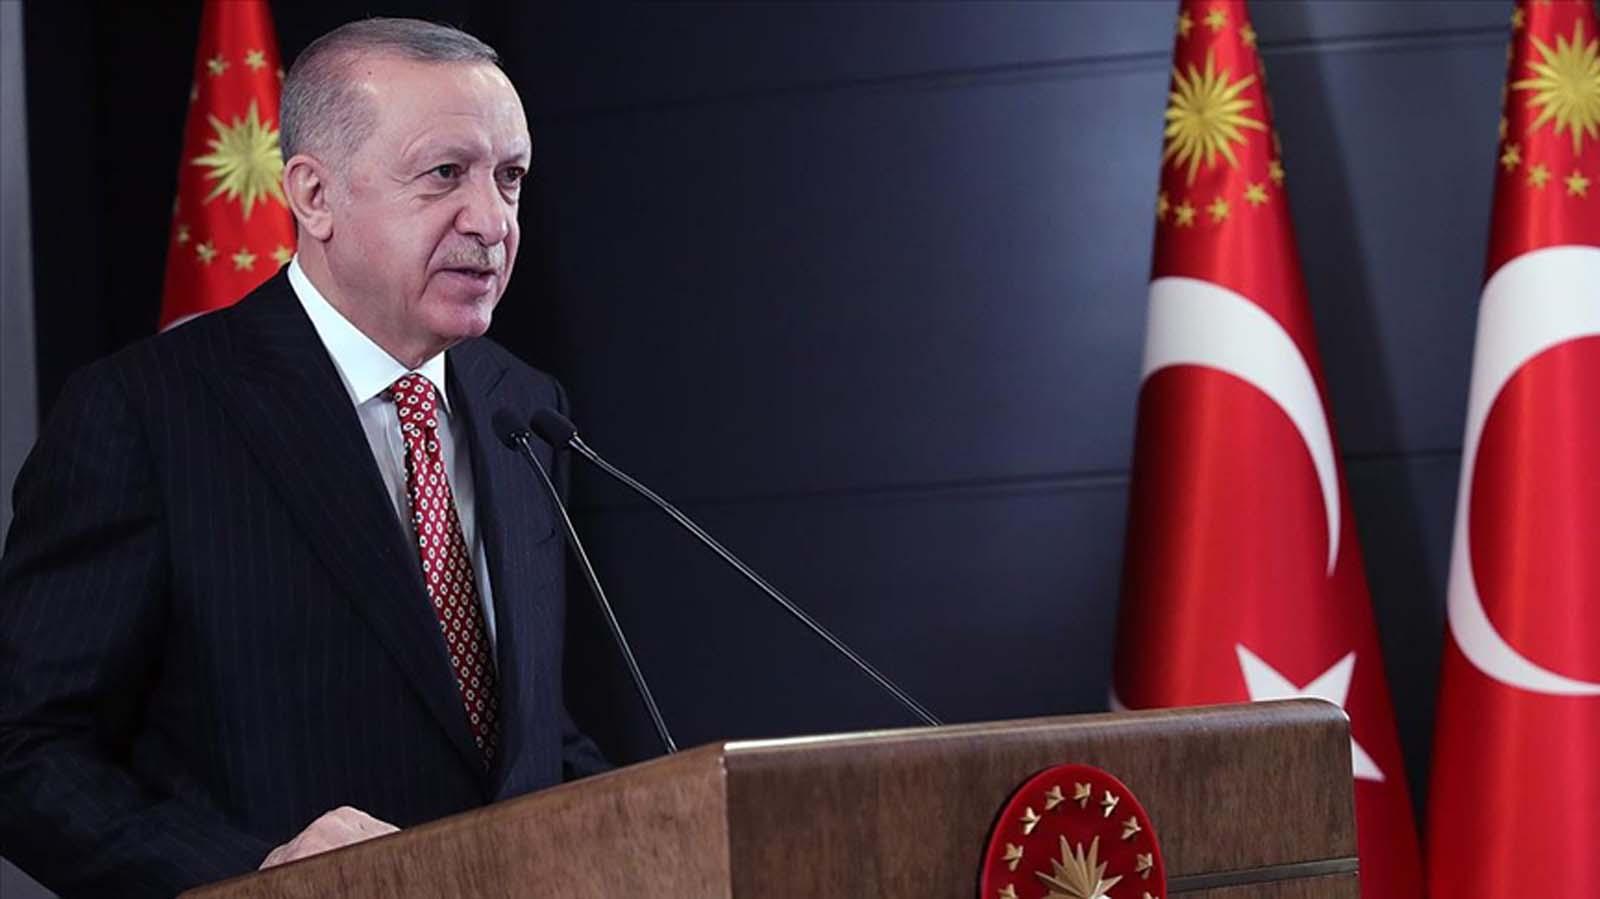 Cumhurbaşkanı Erdoğan: Bizi engellemek isteyenlere büyük eserleri ülkemize katarak yanıt verdik